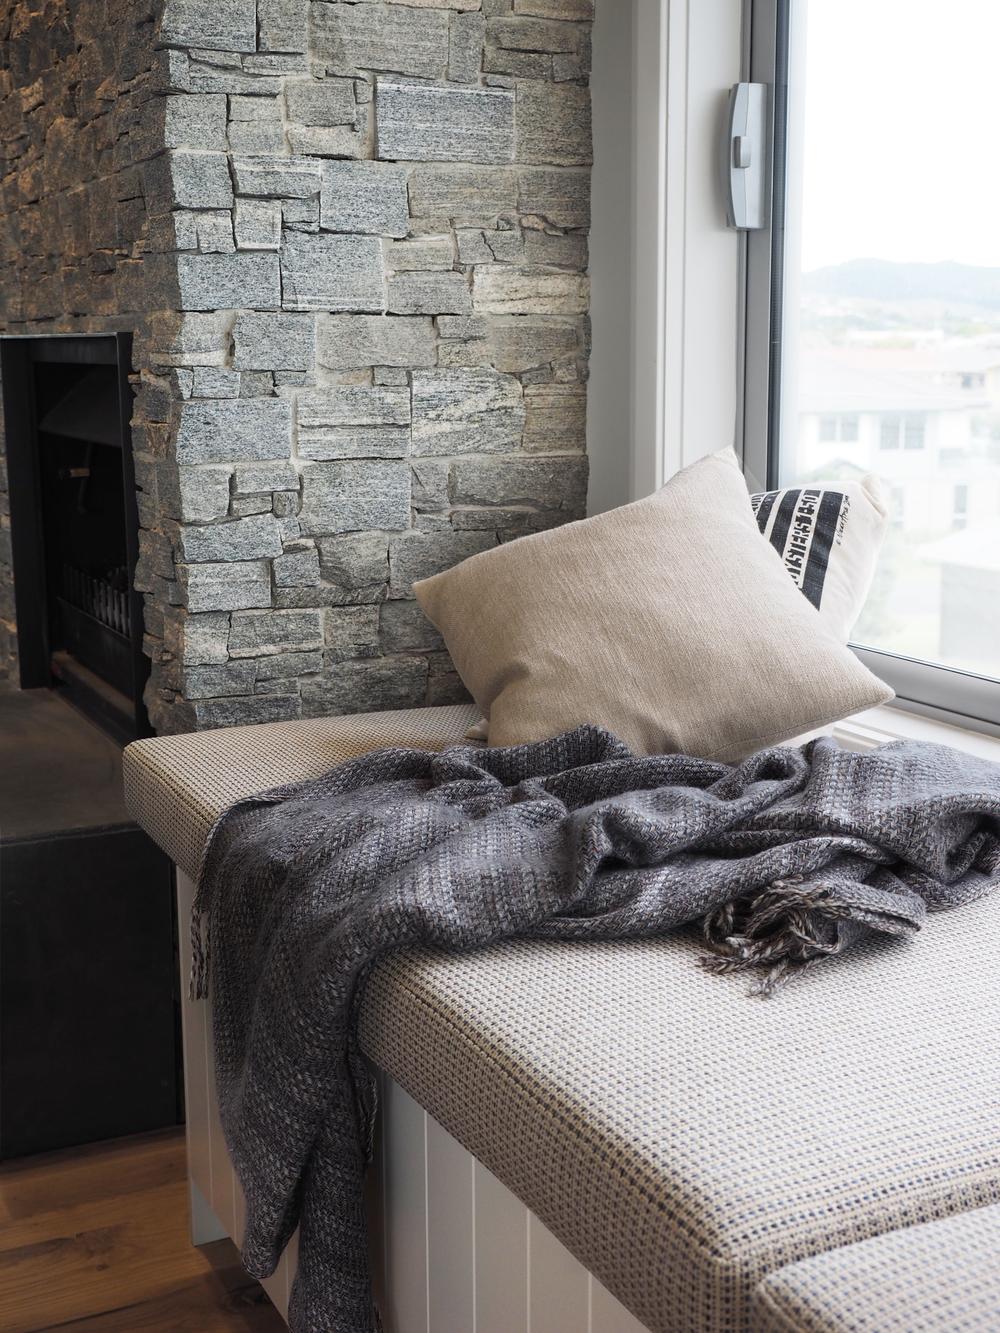 Sonya Cotter Design - Contempoary Furniture Design & Decor